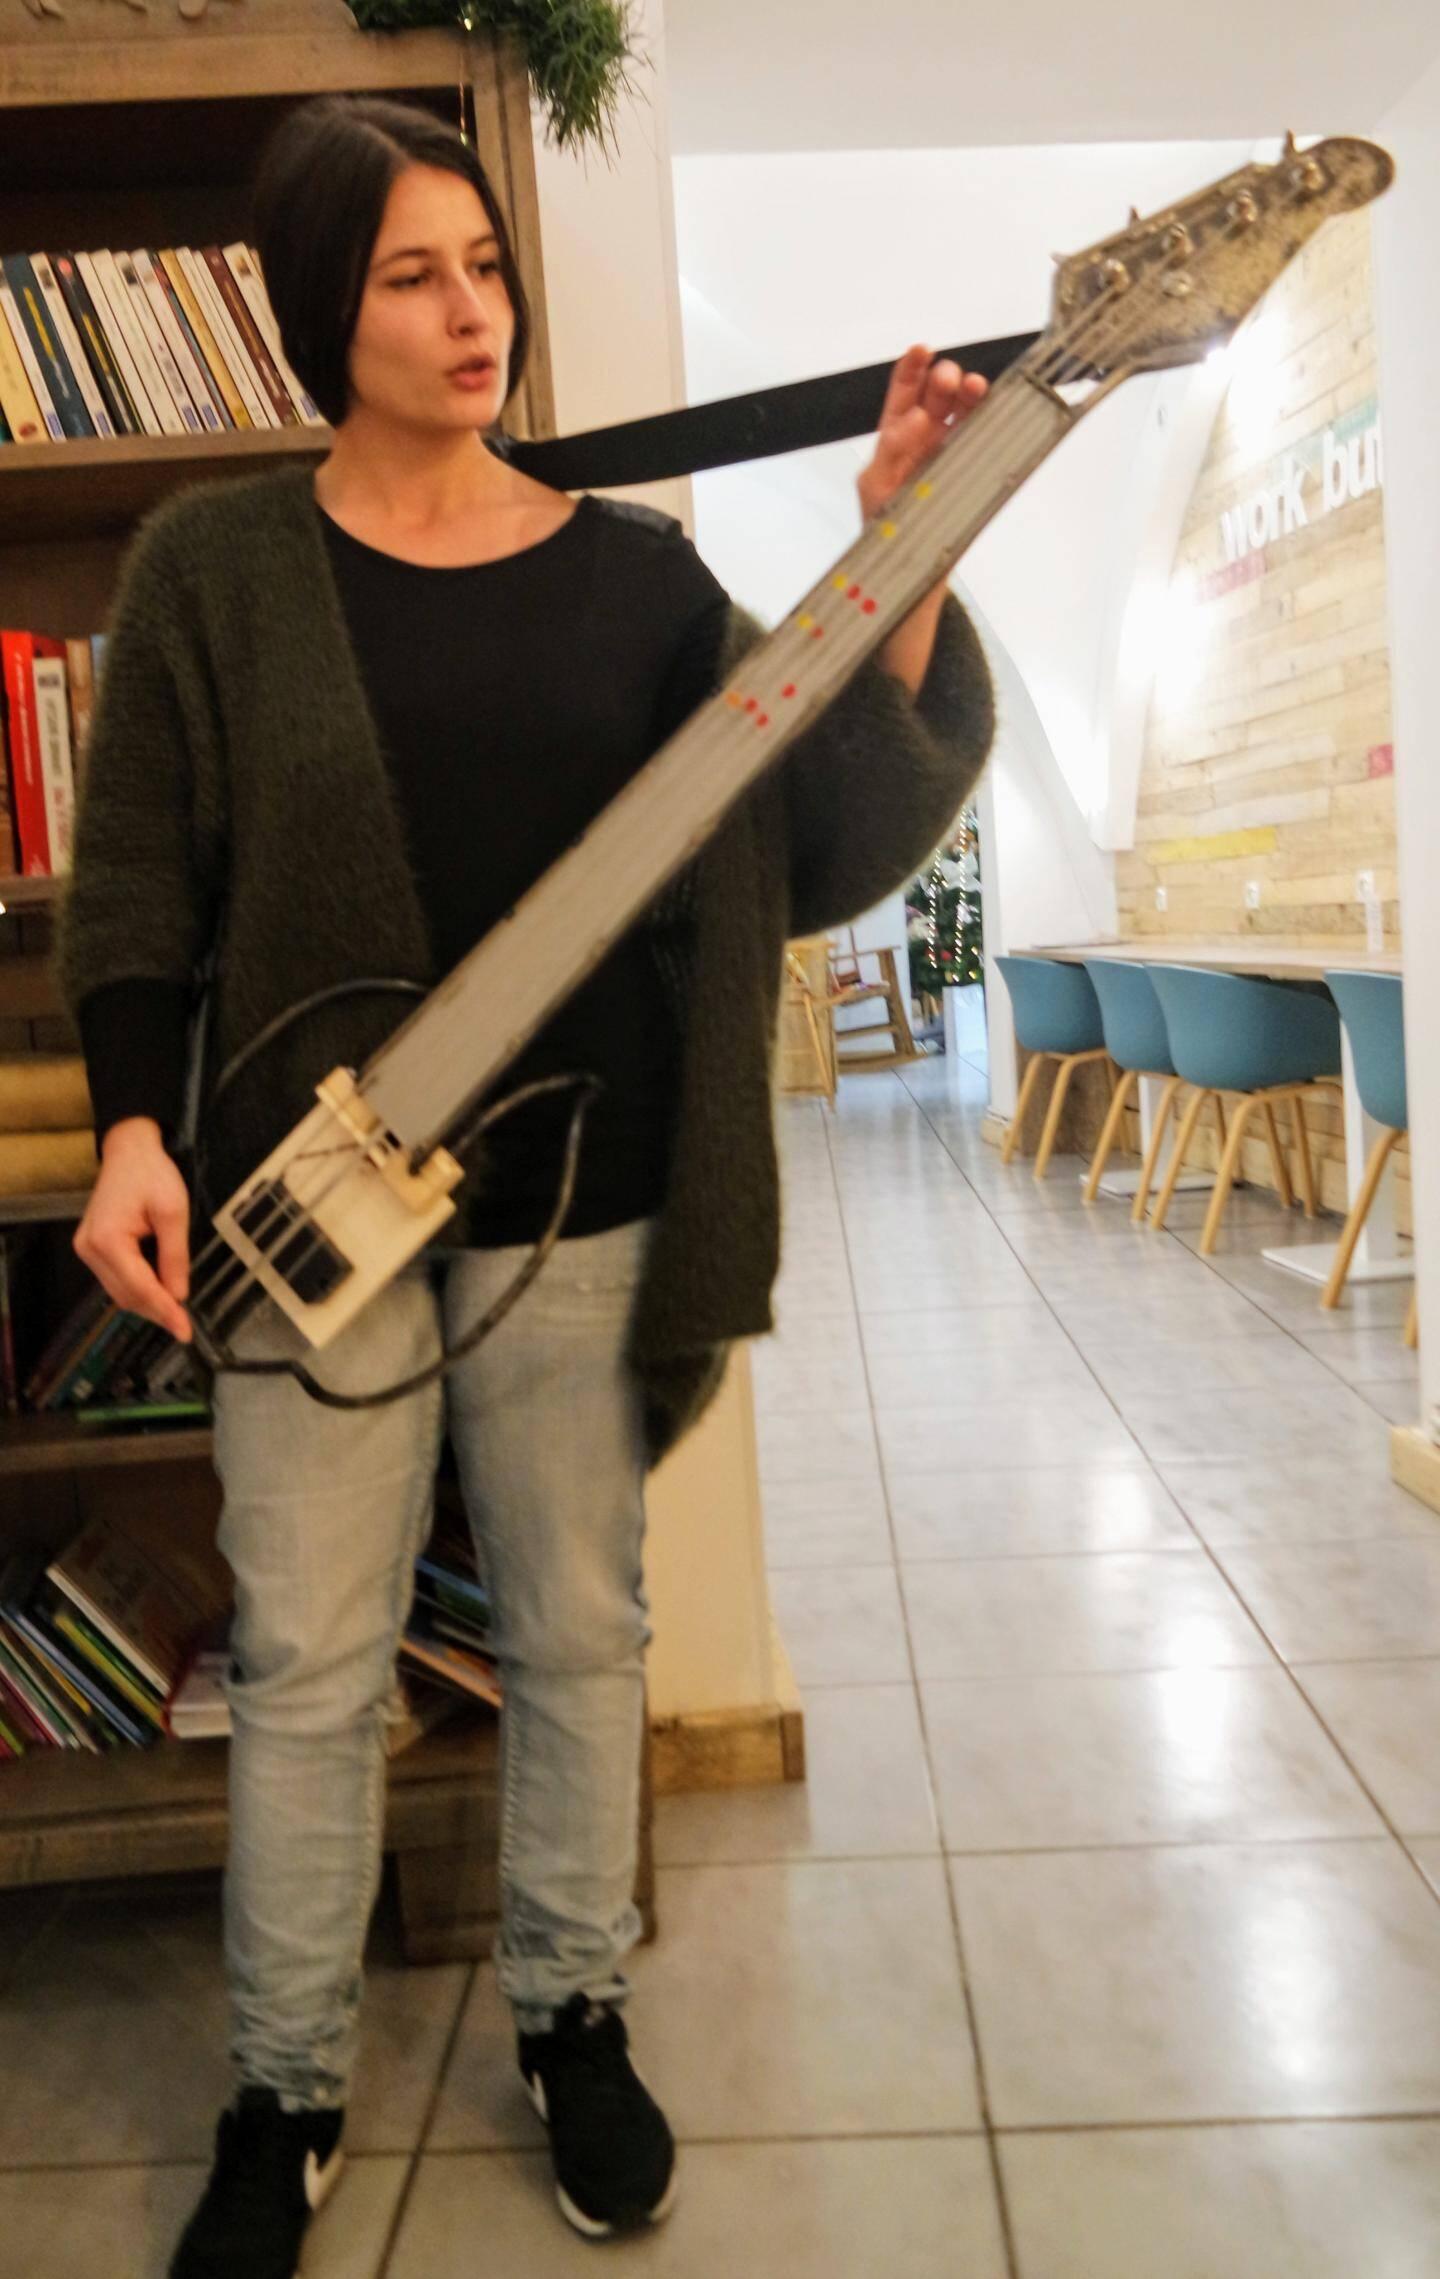 « Avant la basse, J'ai d'abord fabriqué des instruments expérimentaux, qui prenaient le corps du musicien comme caisse de résonance. J'ai revu la structure même des instruments », indique Cassandra Felgueiras.